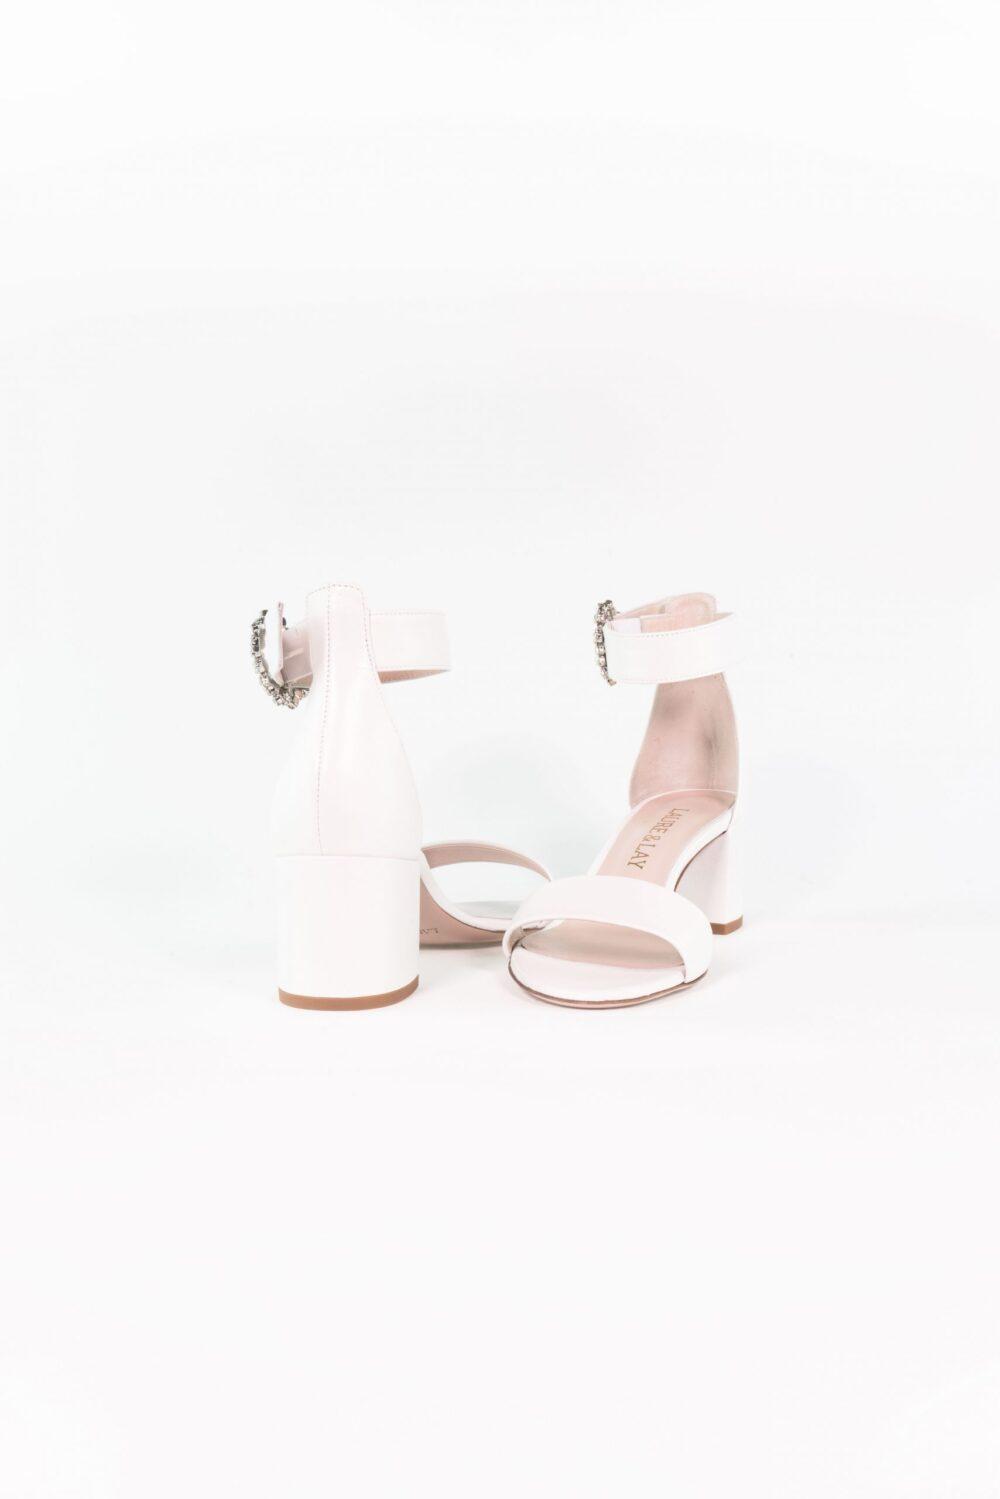 luxus brautschuh weiß absatz bequem emma